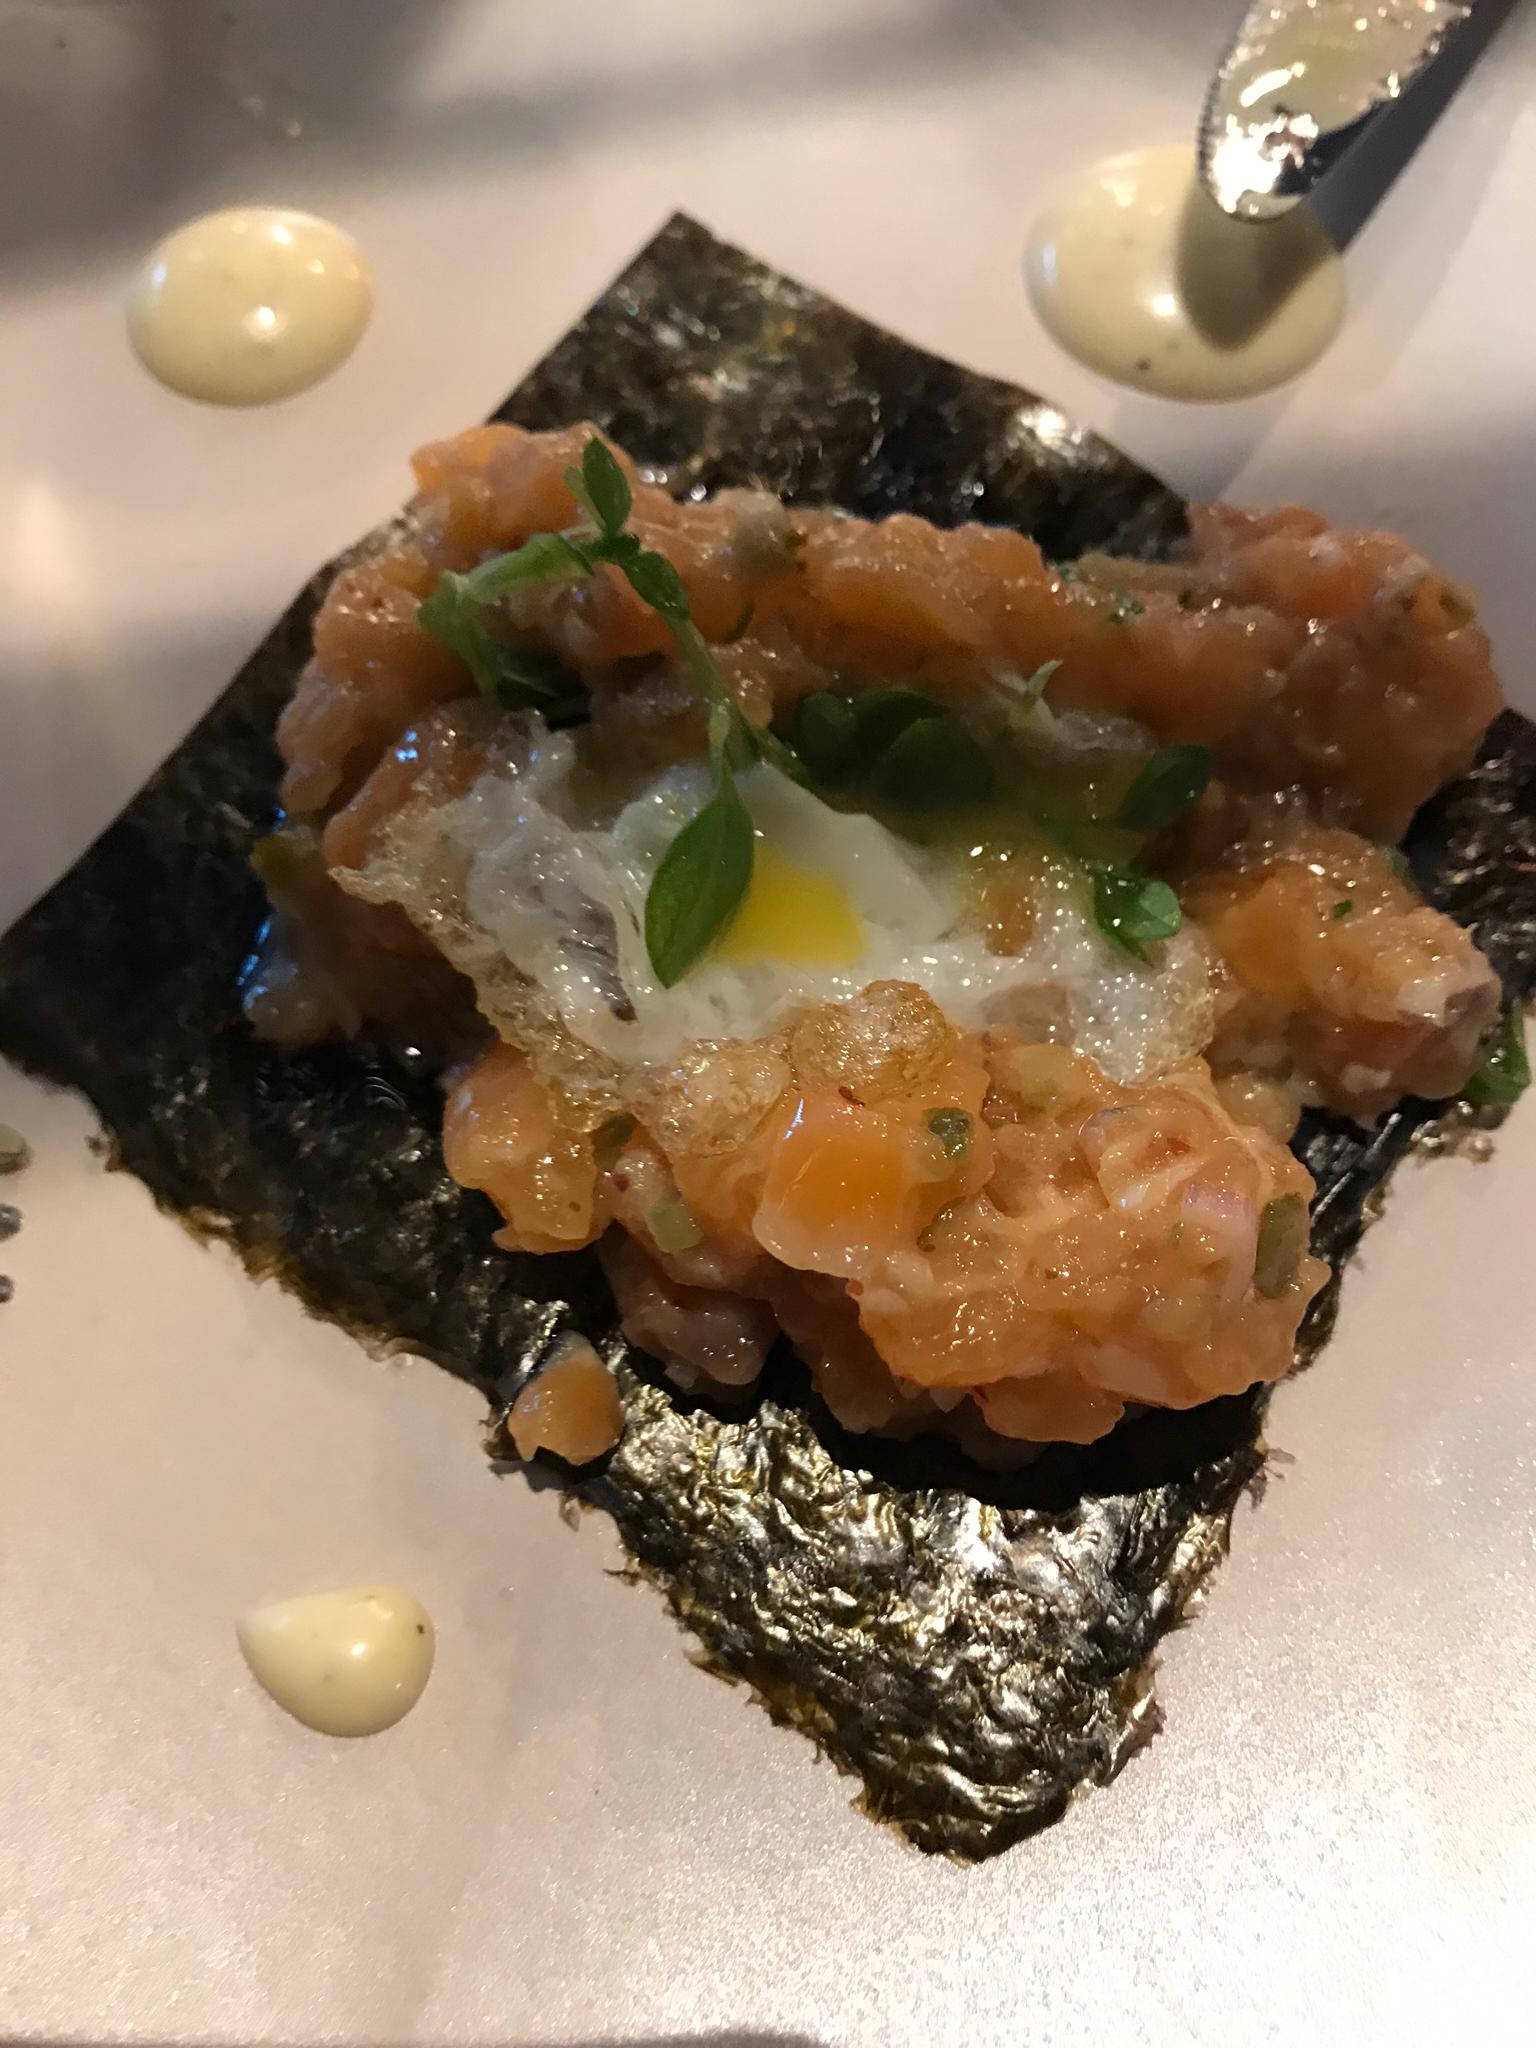 Reseñas gastronómicas: Restaurante La Lonja de Ponferrada 4